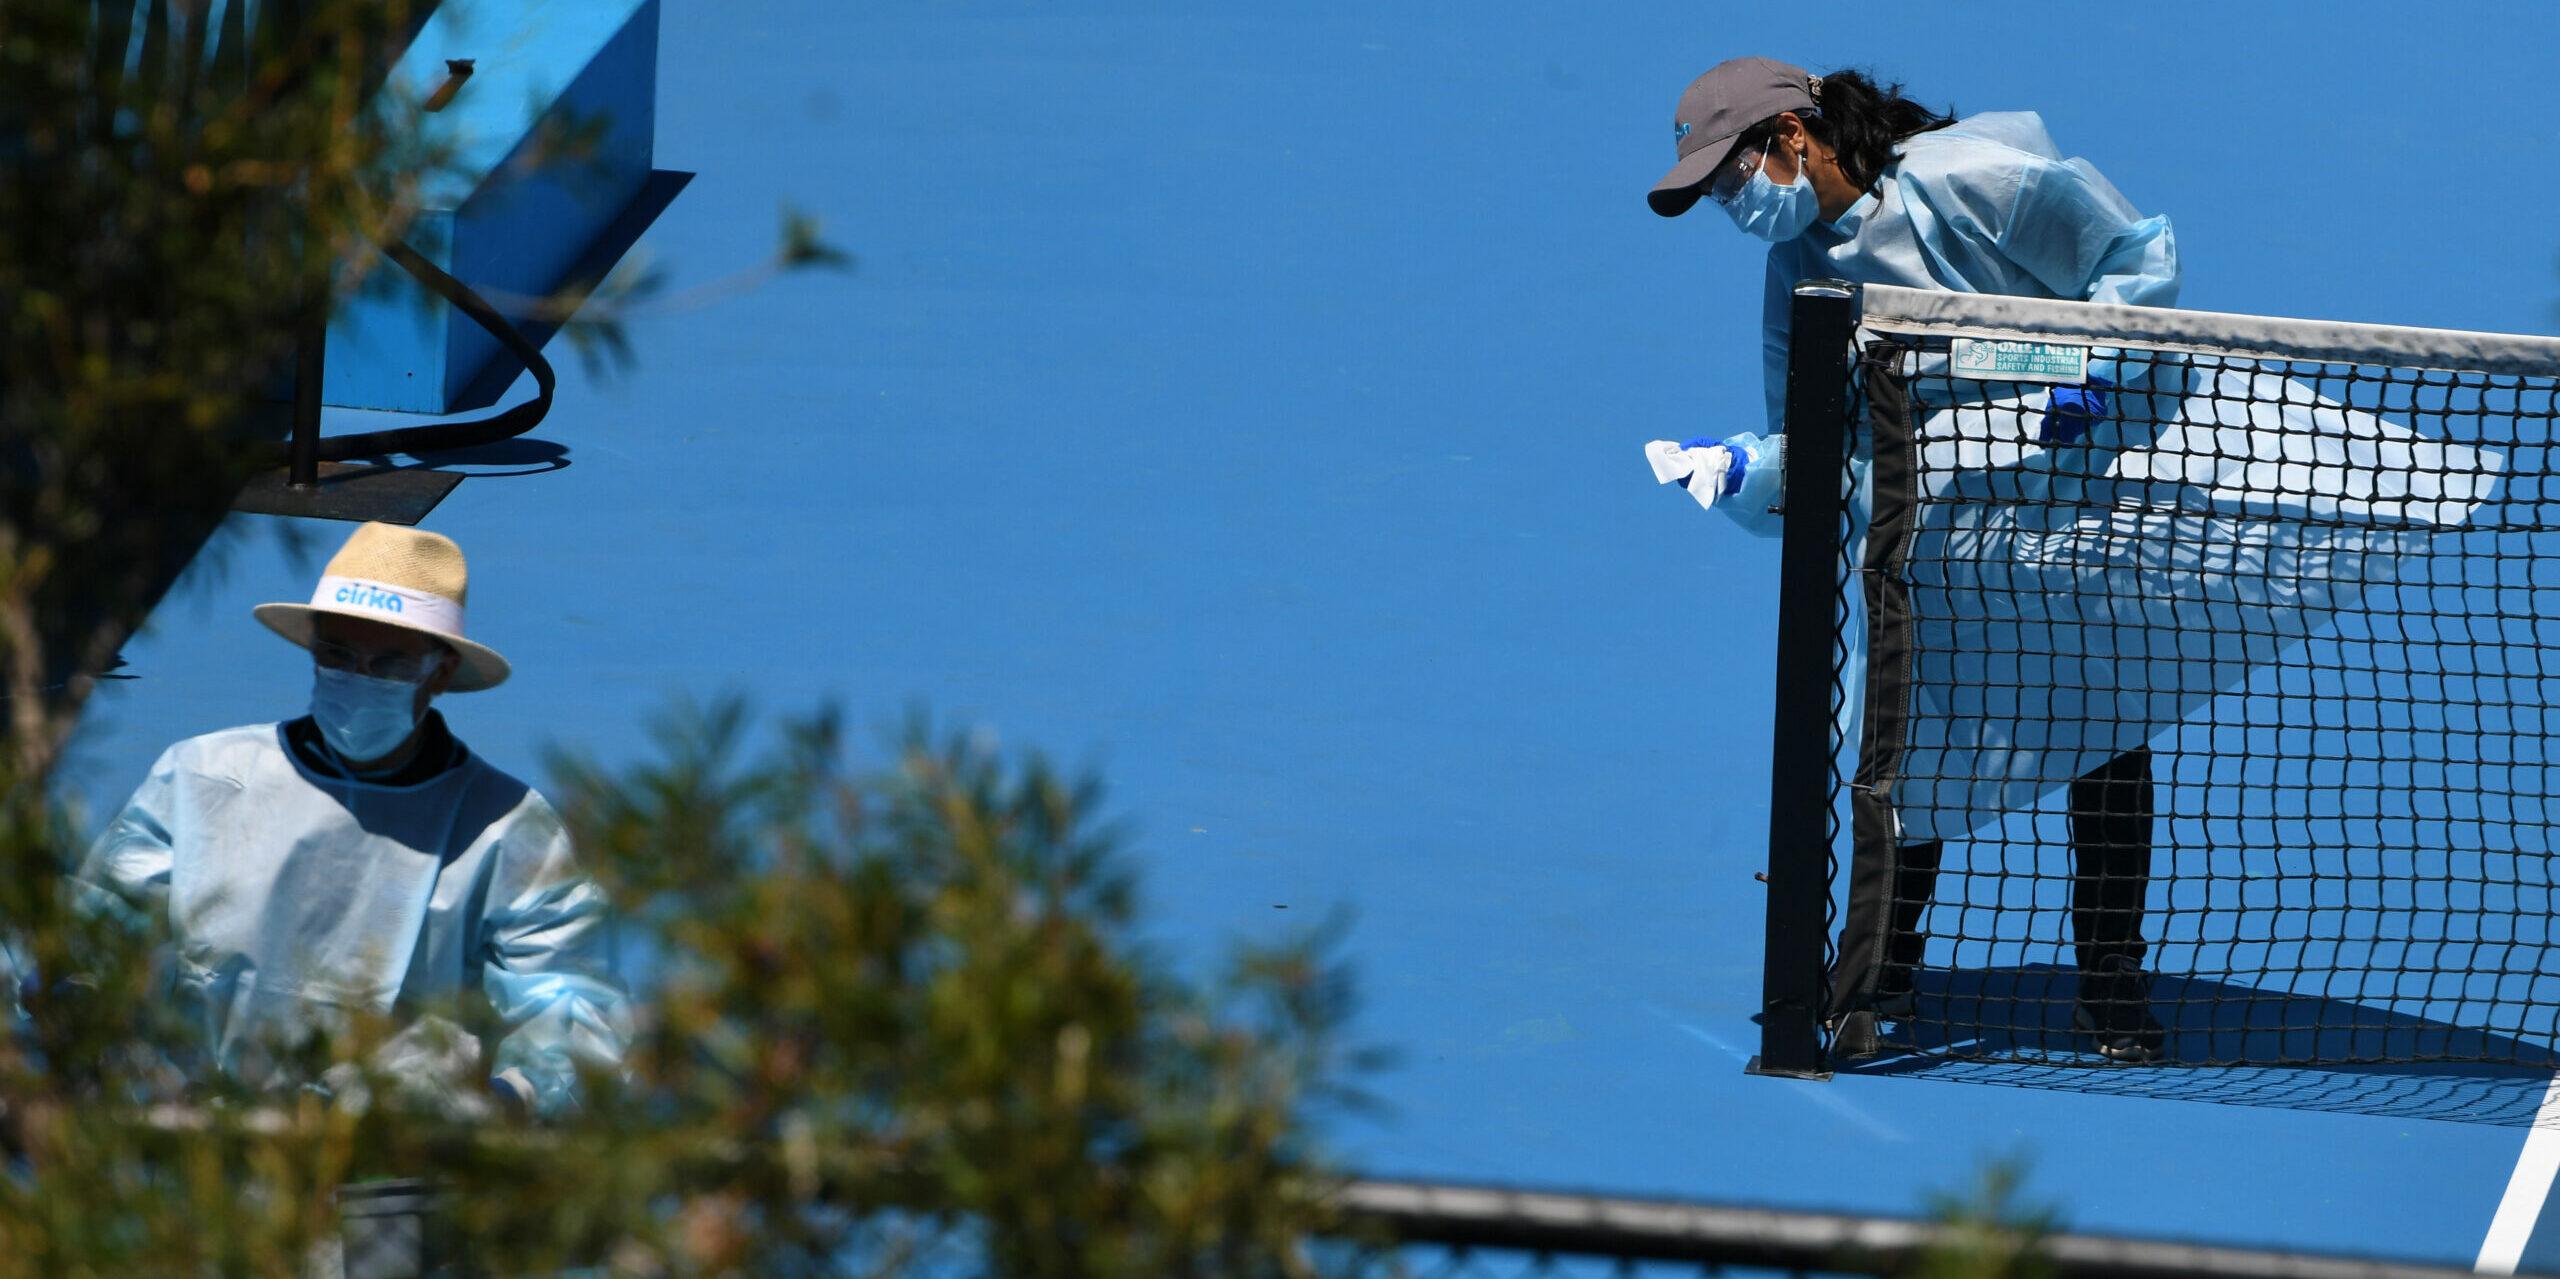 Tasques de desinfecció al Melbourne Park, les pistes de l'Open d'Austràlia   Europa Press